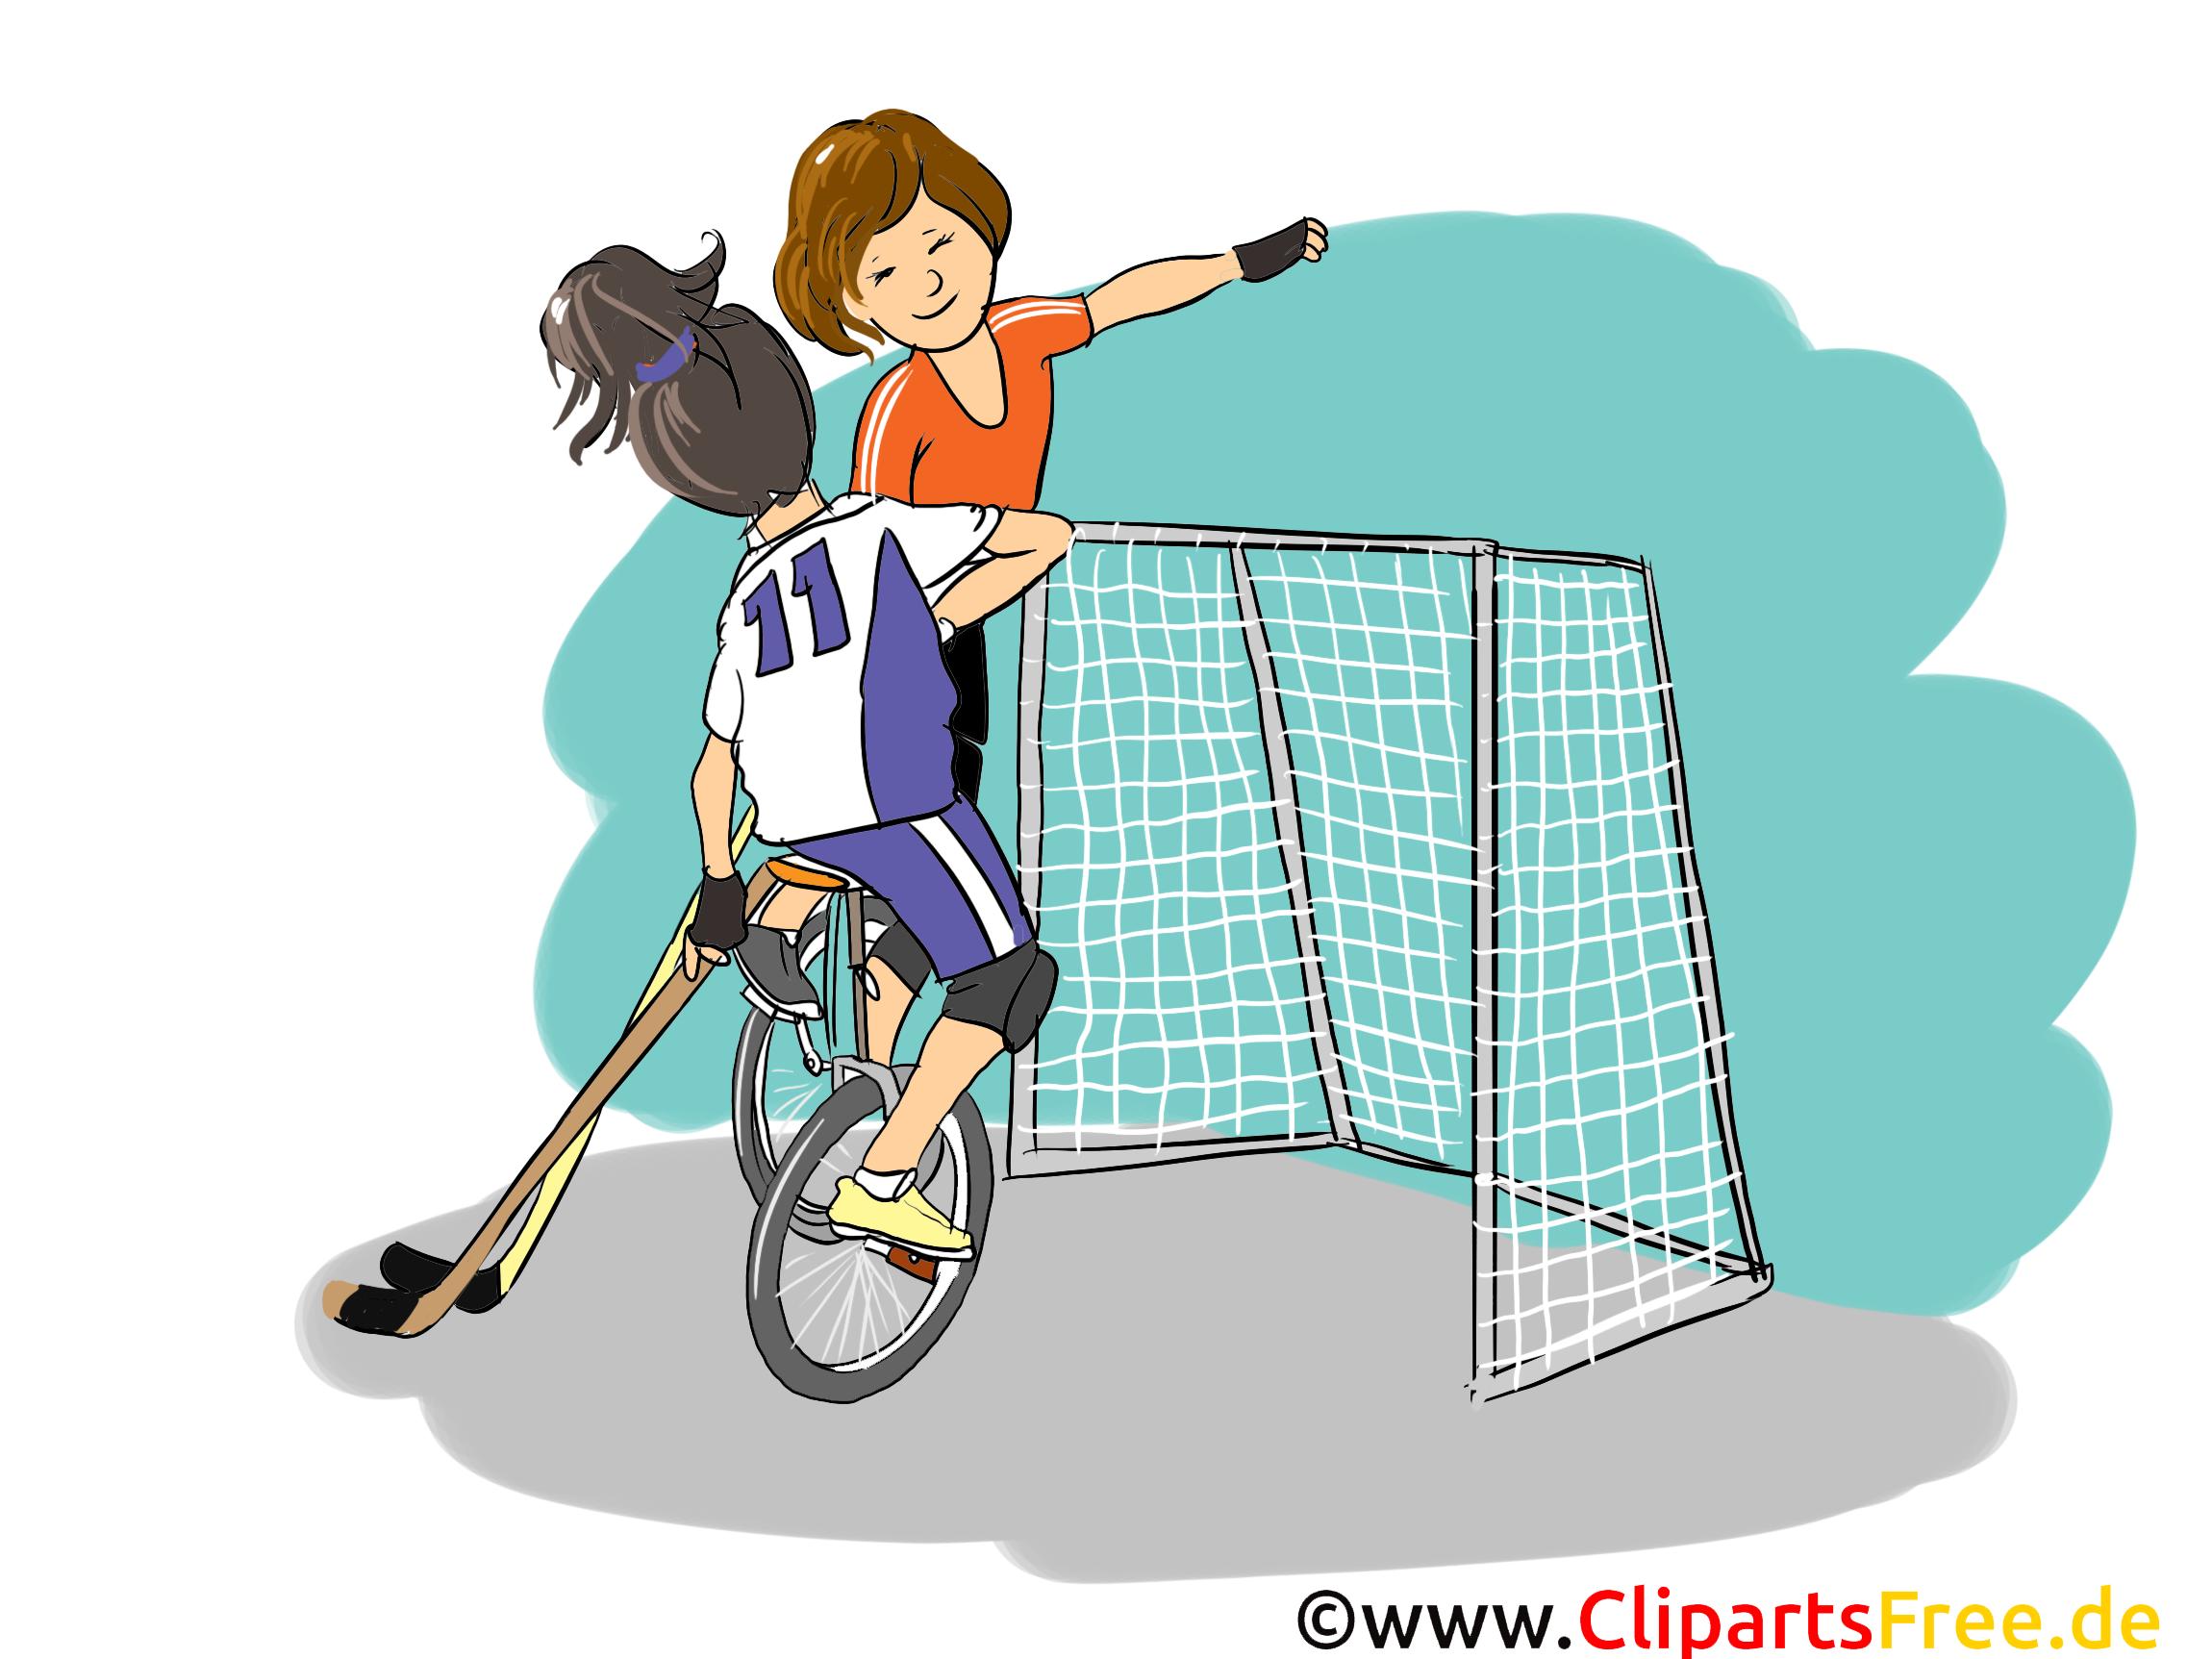 Hockey op fiets Clipart, afbeelding, Cartoon, komisch, illustratie